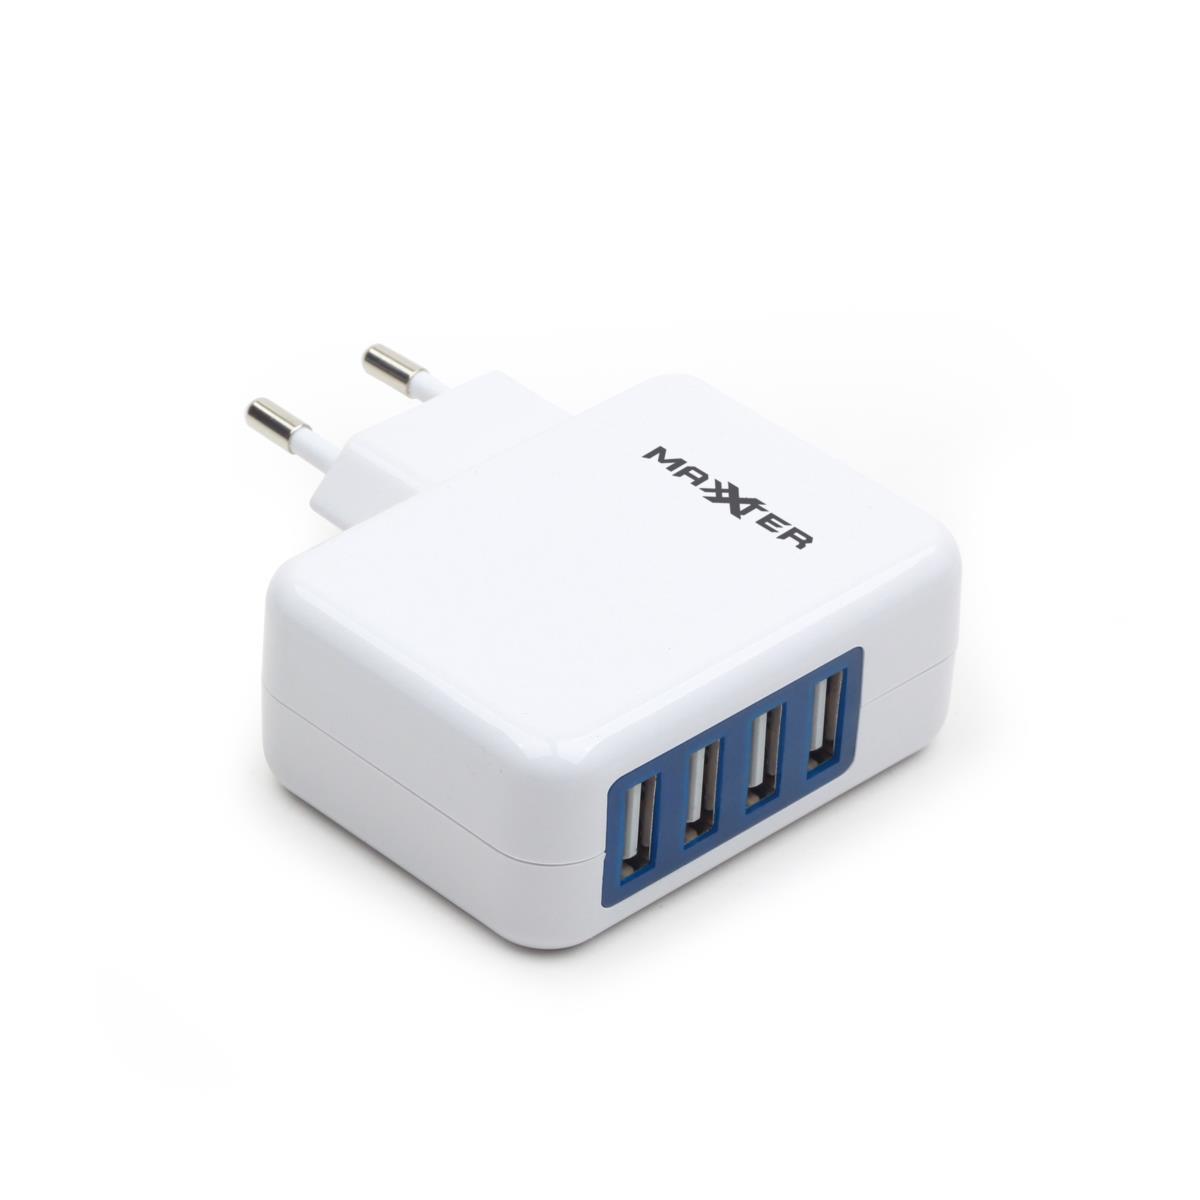 Gembird universal USB charger 3.1A, 4x USB, white iekārtas lādētājs